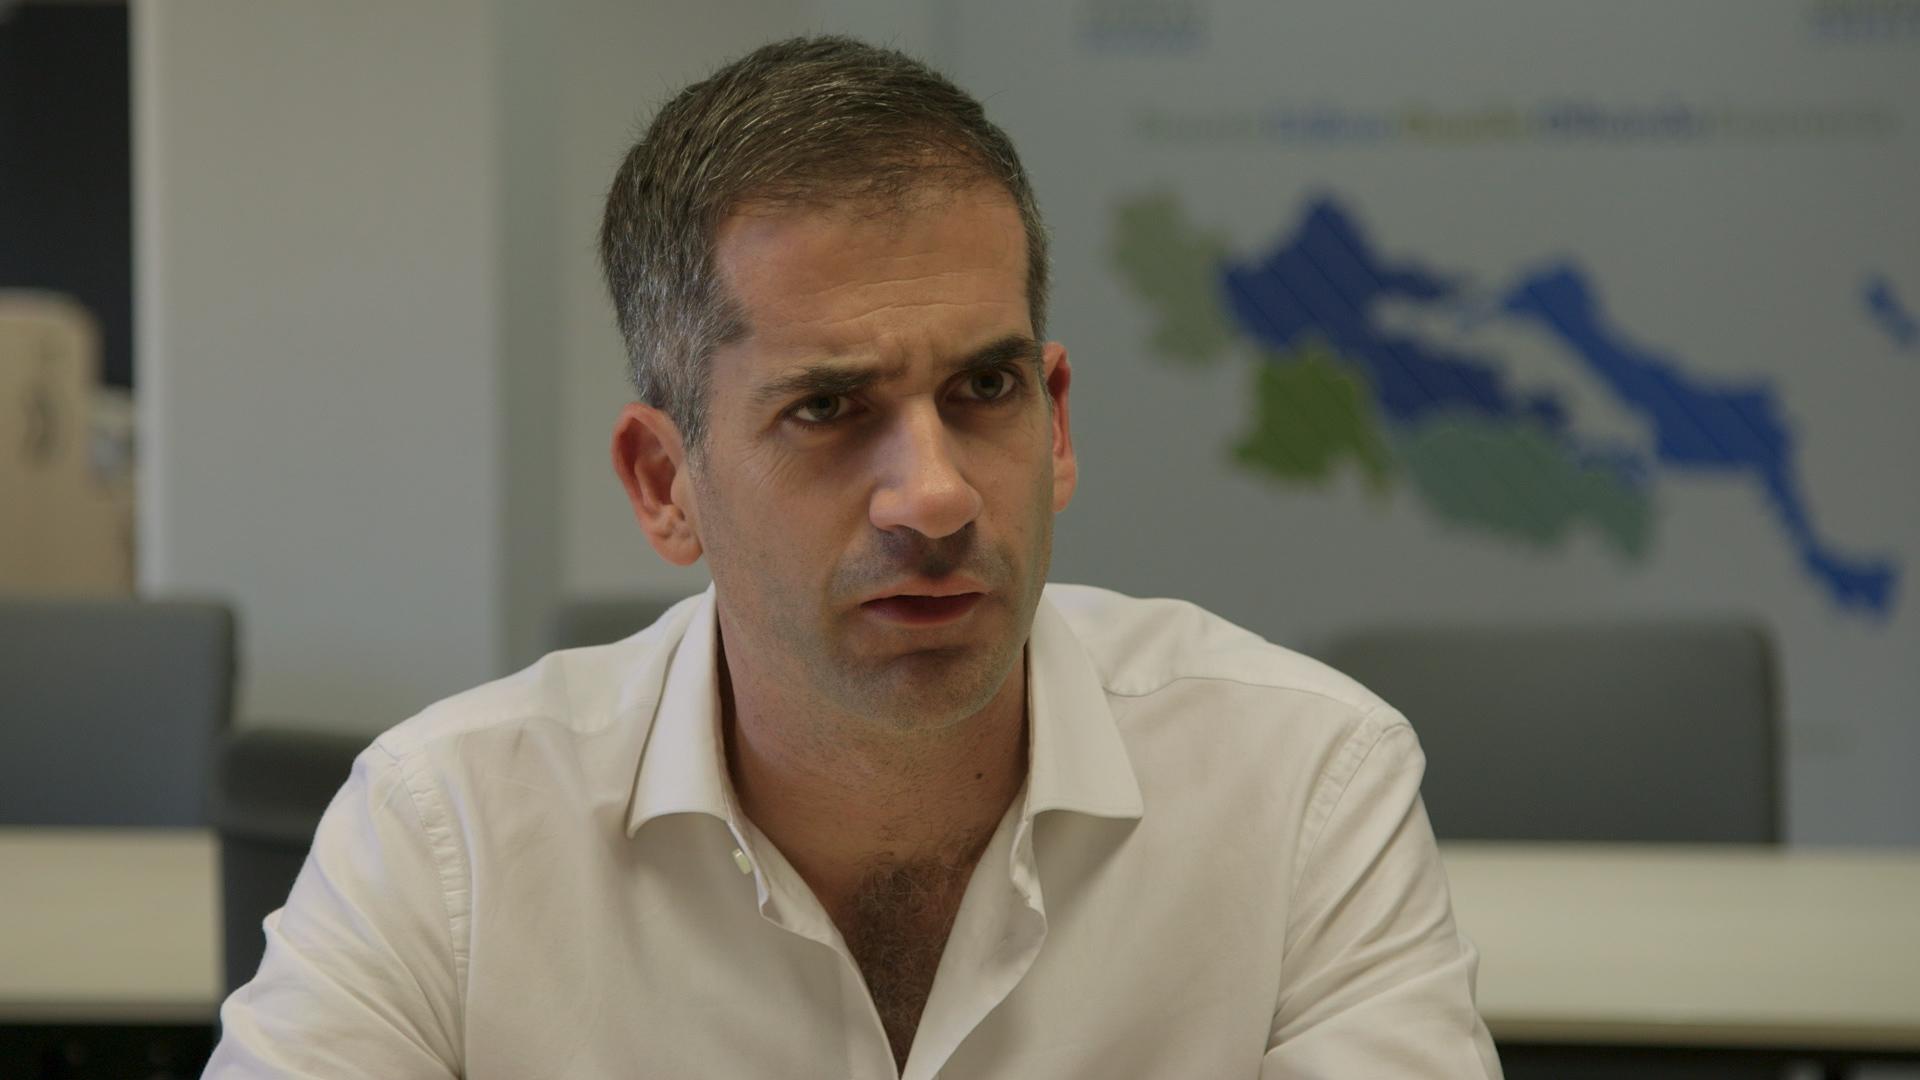 Κώστας Μπακογιάννης: «Είμαι φανατικά υπέρ της αποποινικοποίησης της μαριχουάνας» | tlife.gr